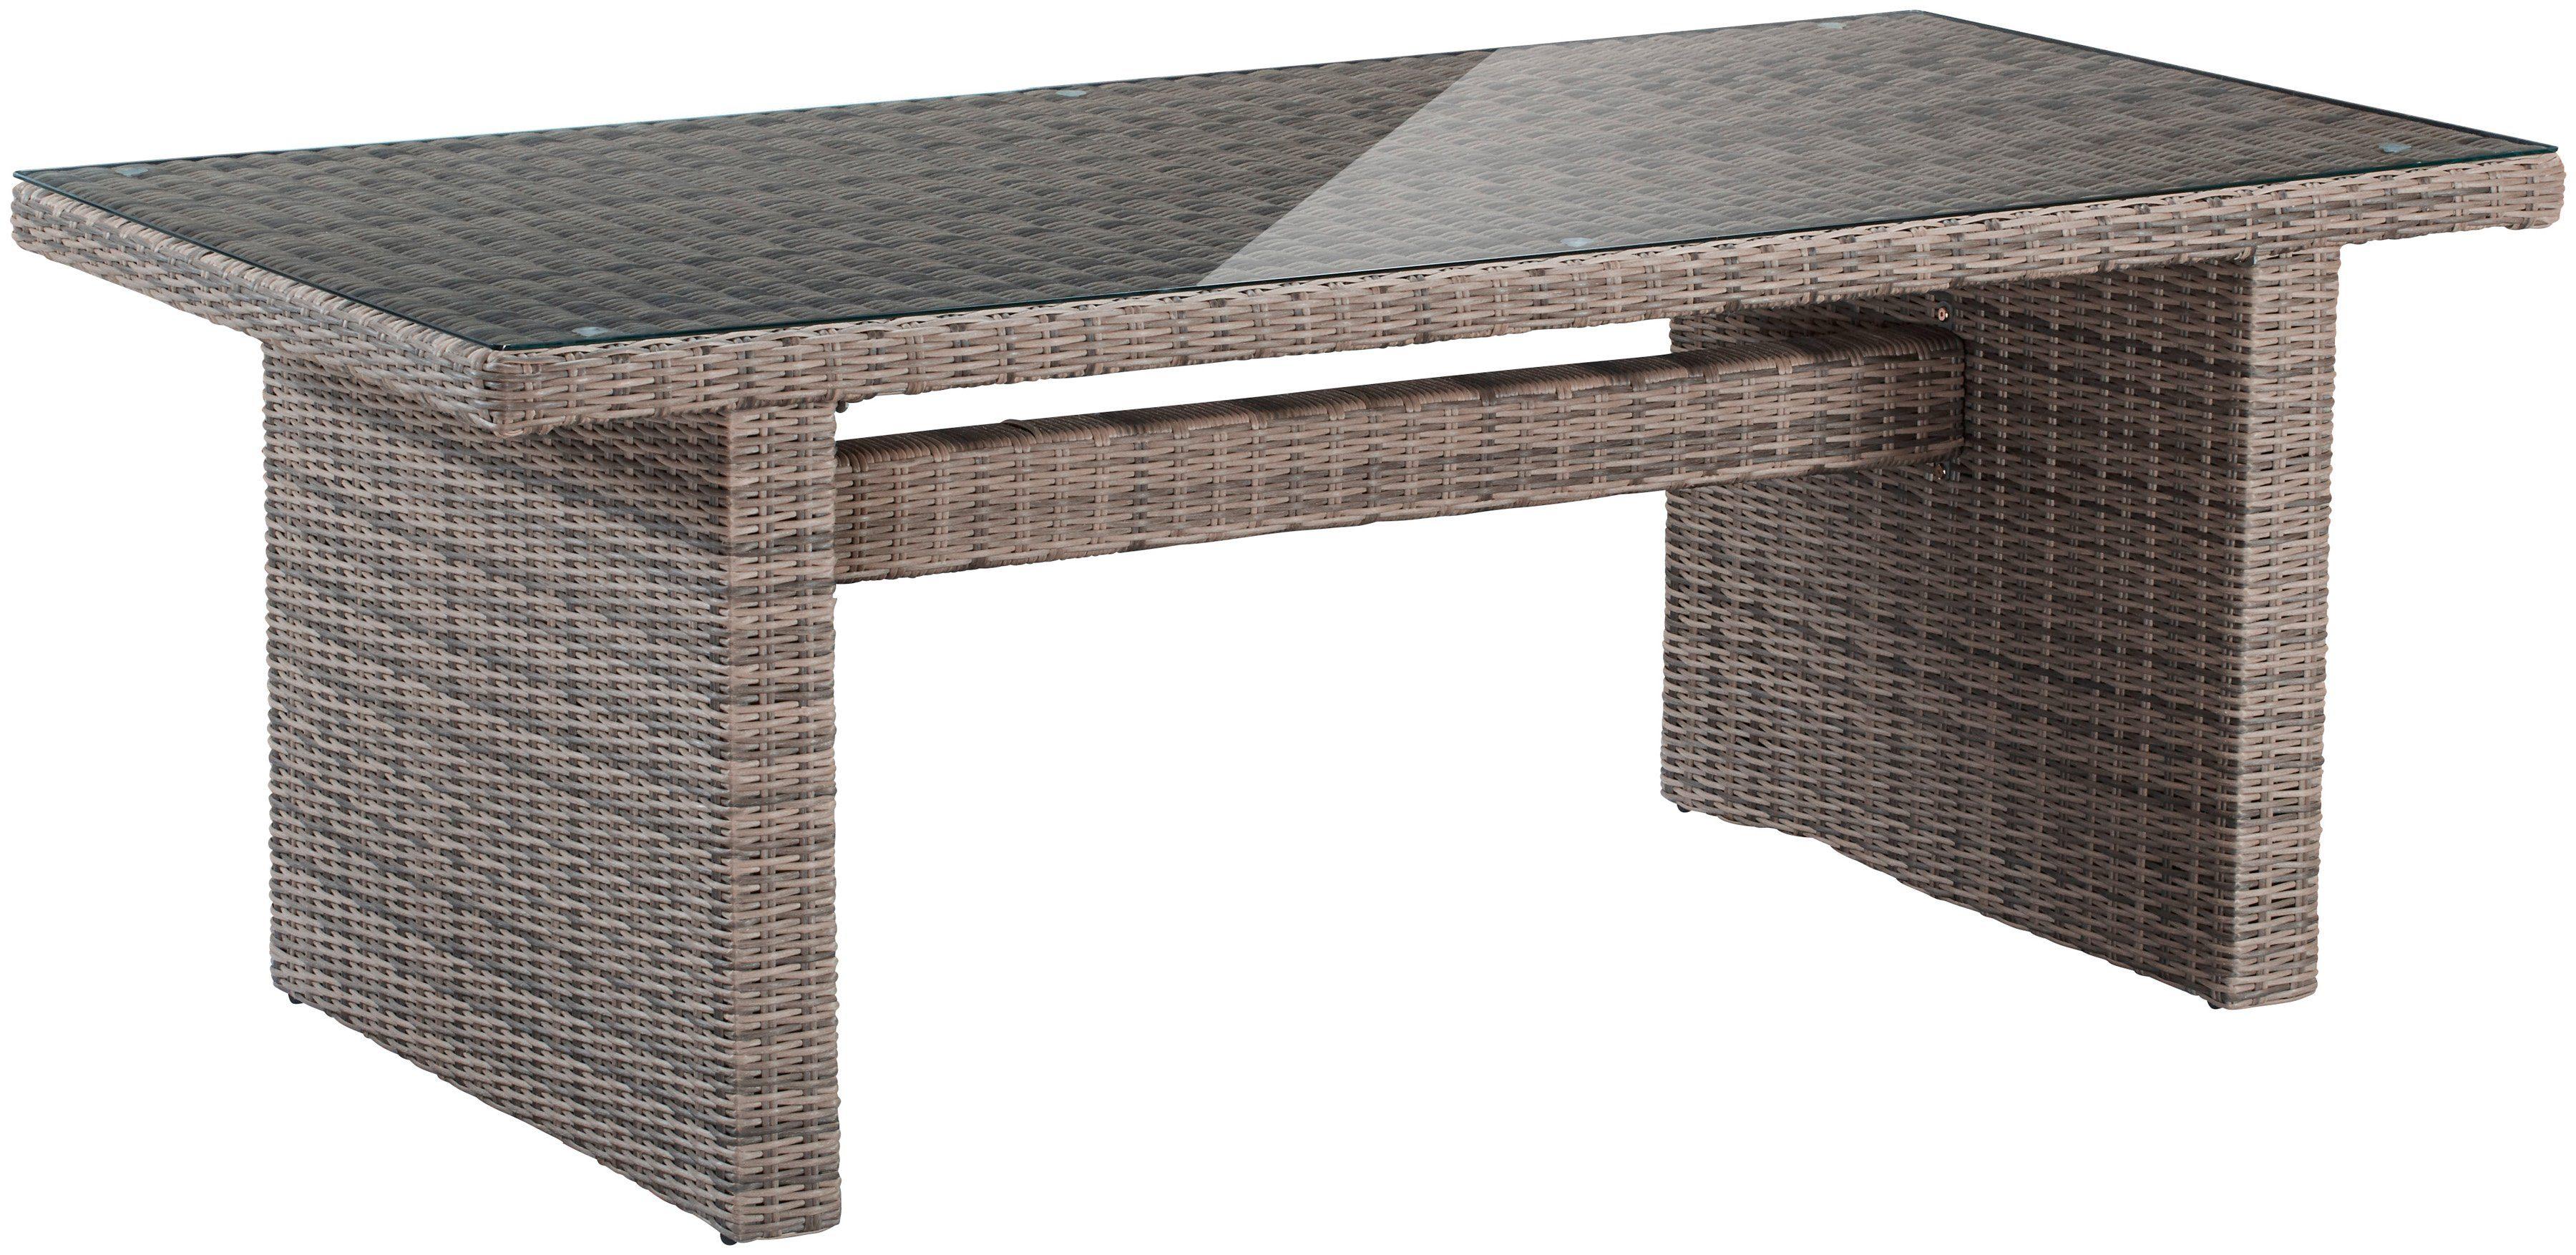 Gartentisch »Riviera«, Polyrattan, 200x100 cm, 100x200 cm, natur